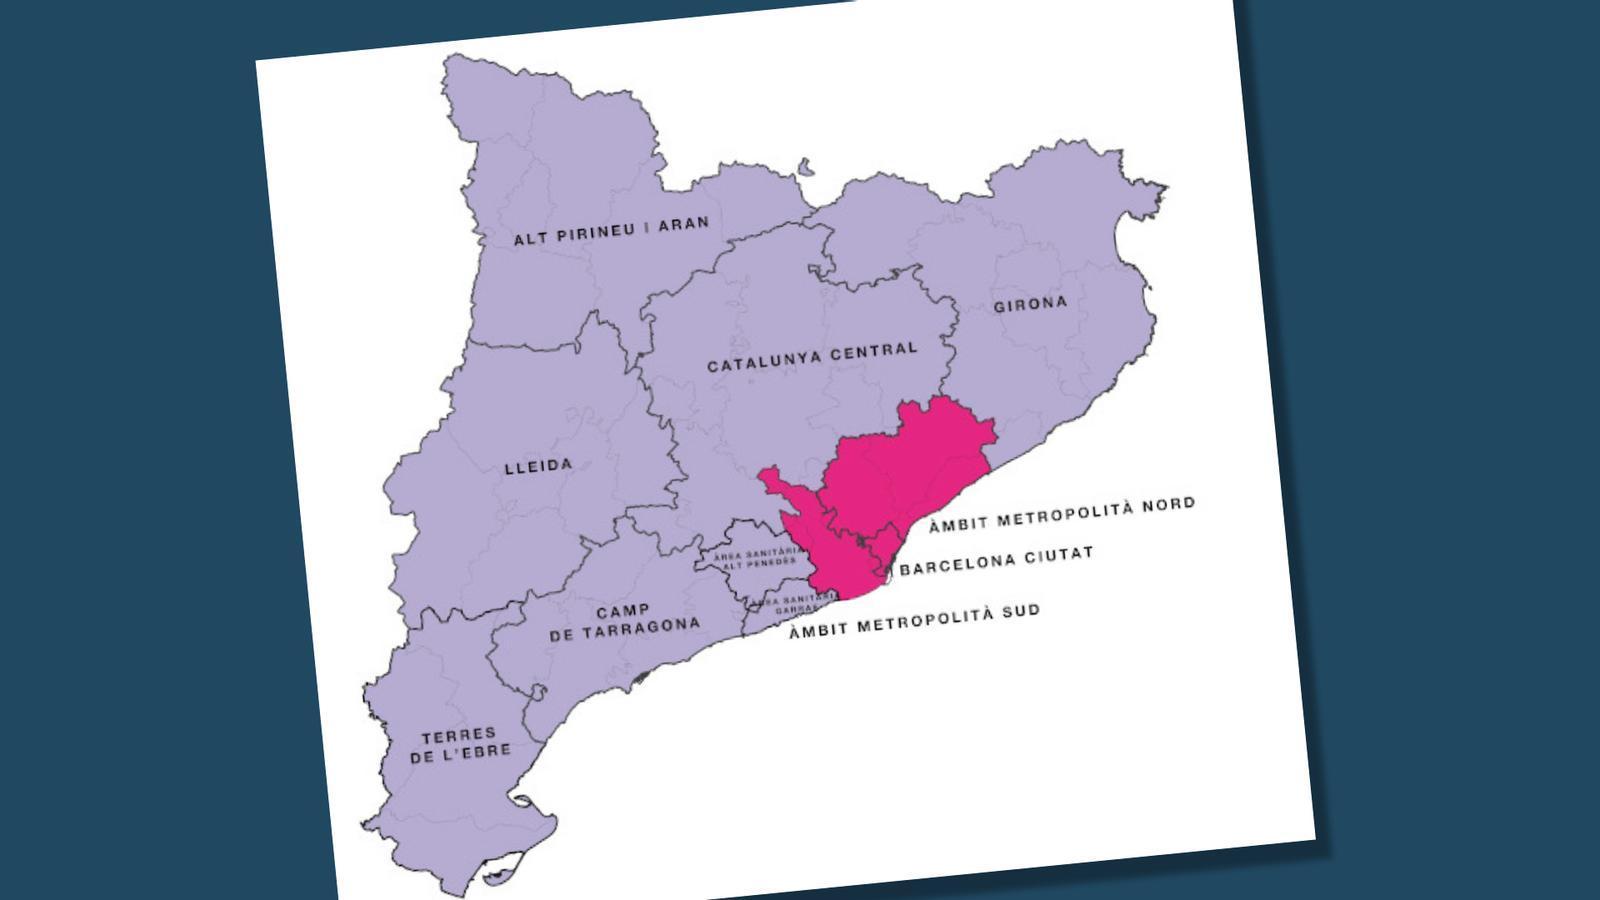 La mascareta serà obligatòria a l'espai públic i avui poden obrir totes les botigues a Catalunya: les claus del dia, amb Antoni Bassas (18/05/2020)